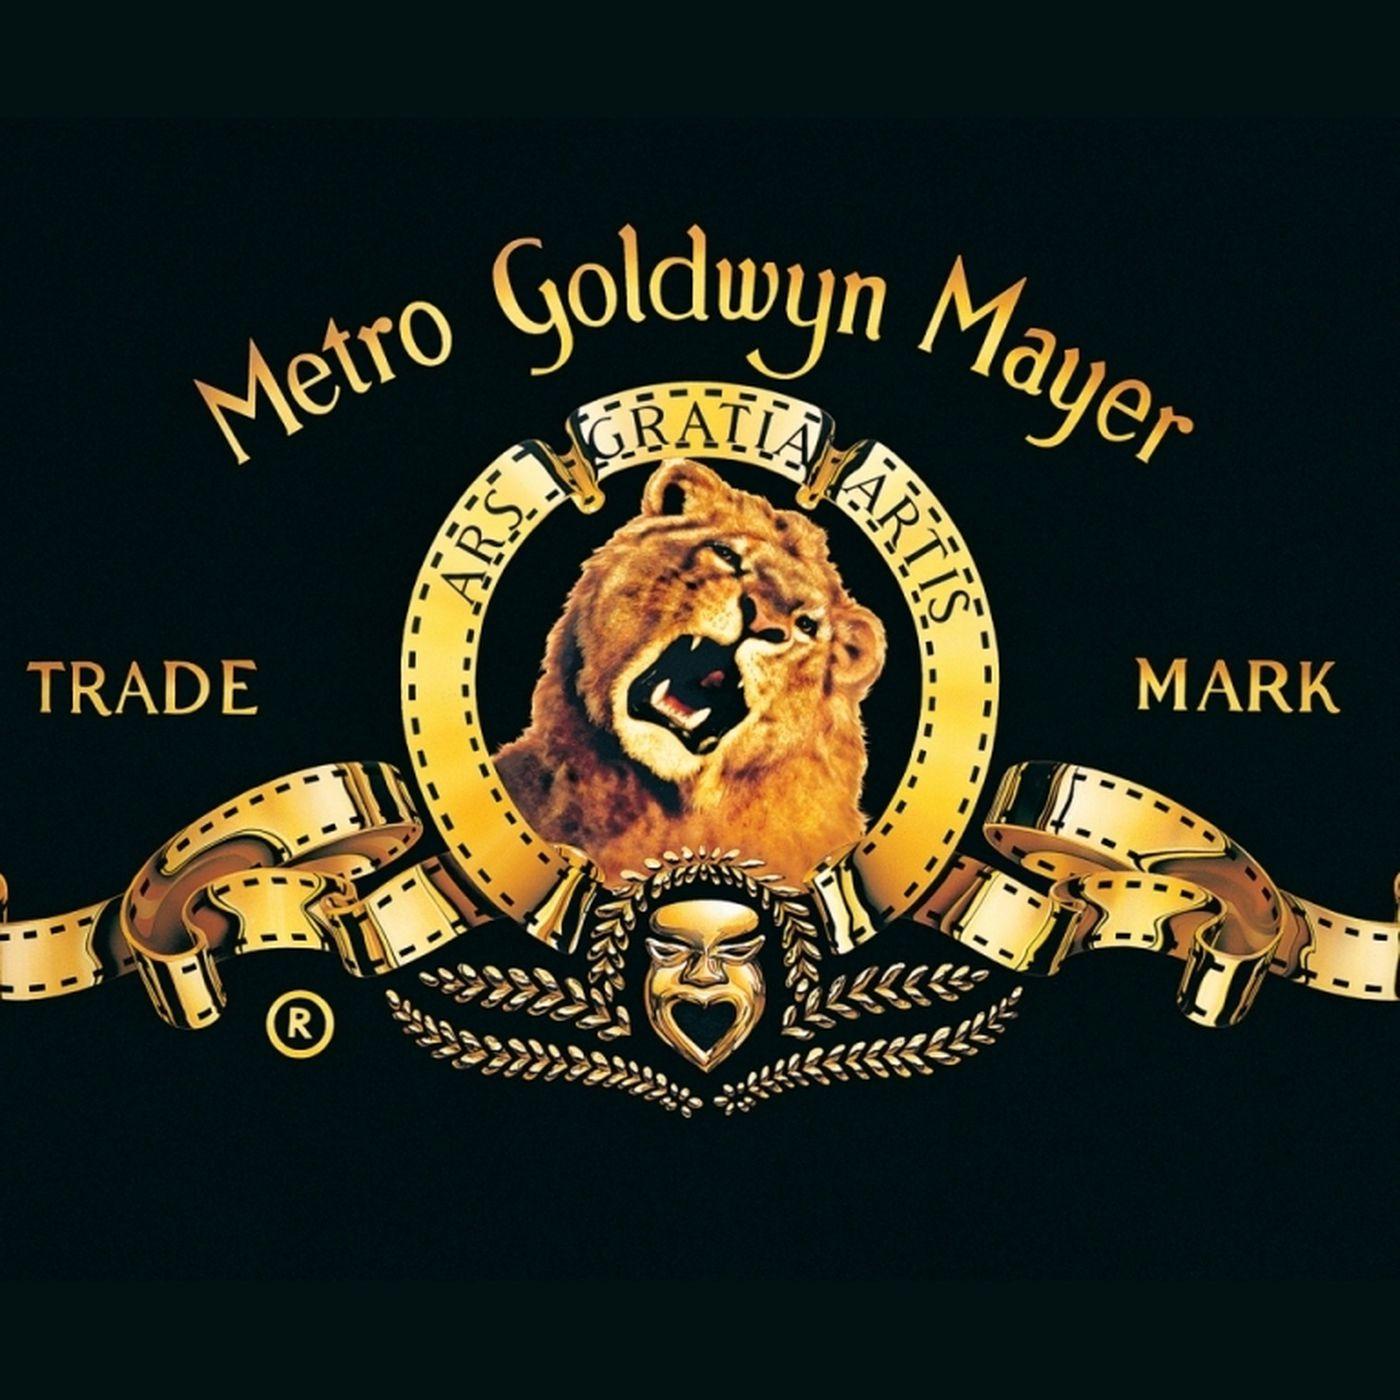 아마존 MGM 인수로 관심을 받은 MGM 로고, mgm logo